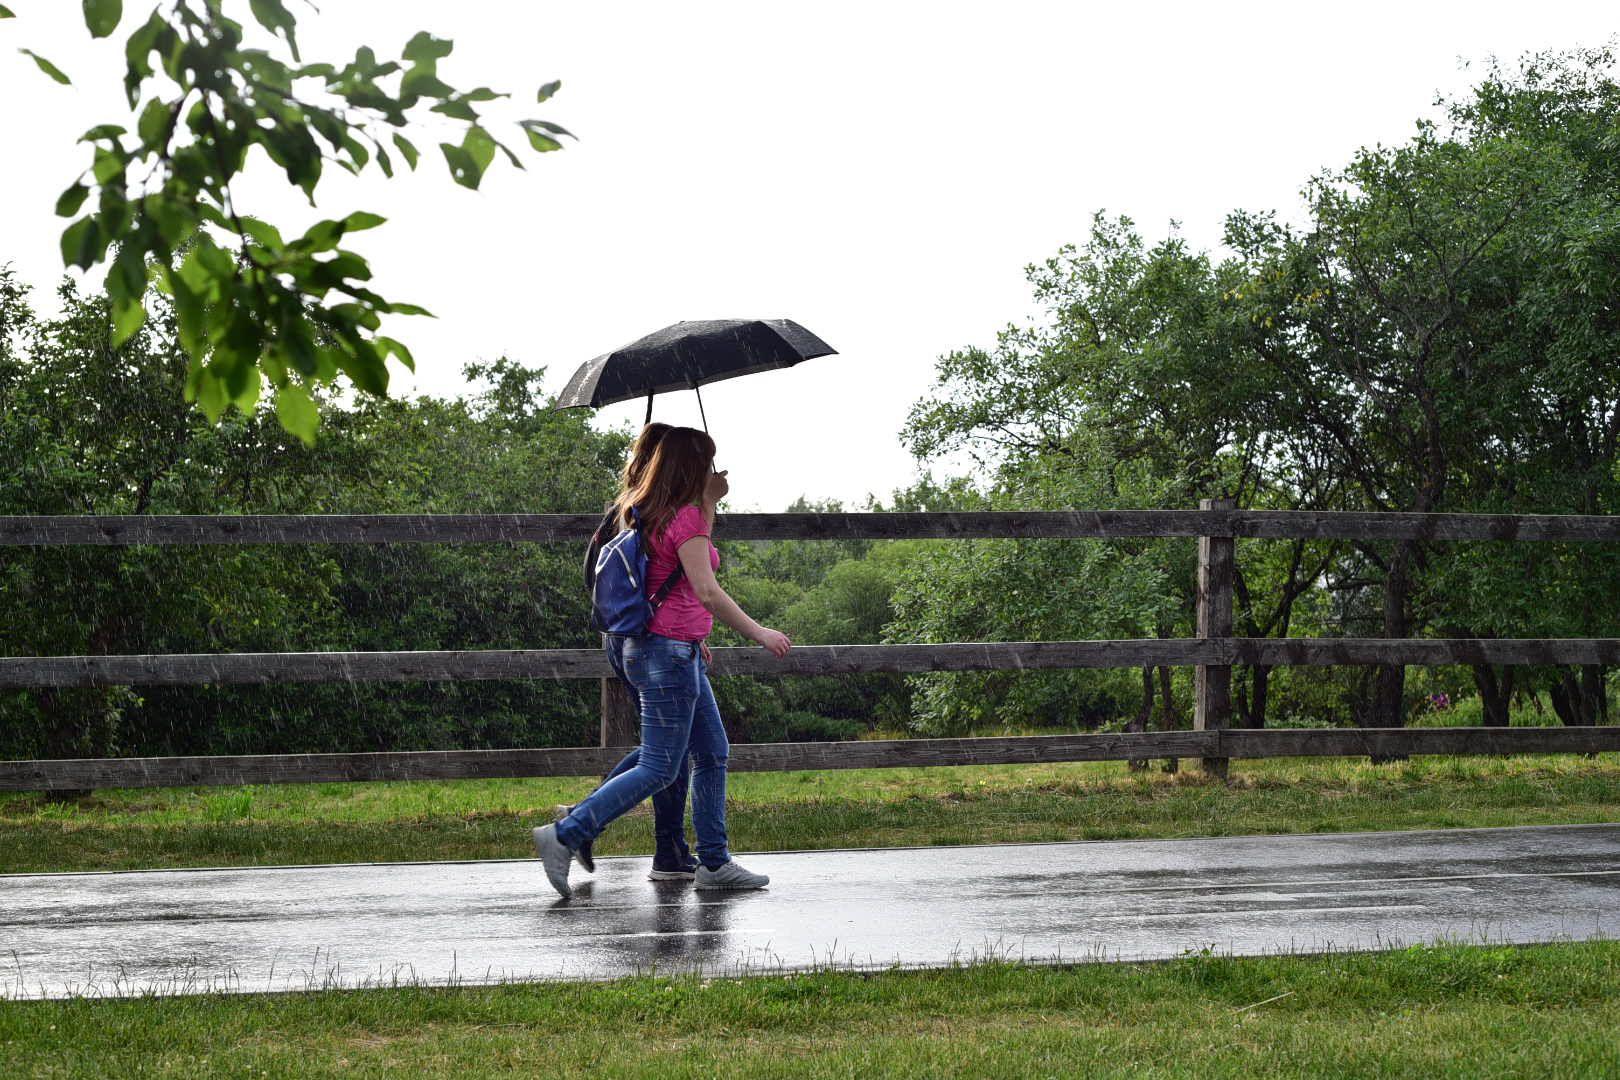 Москвичам пообещали кратковременный дождь в четверг